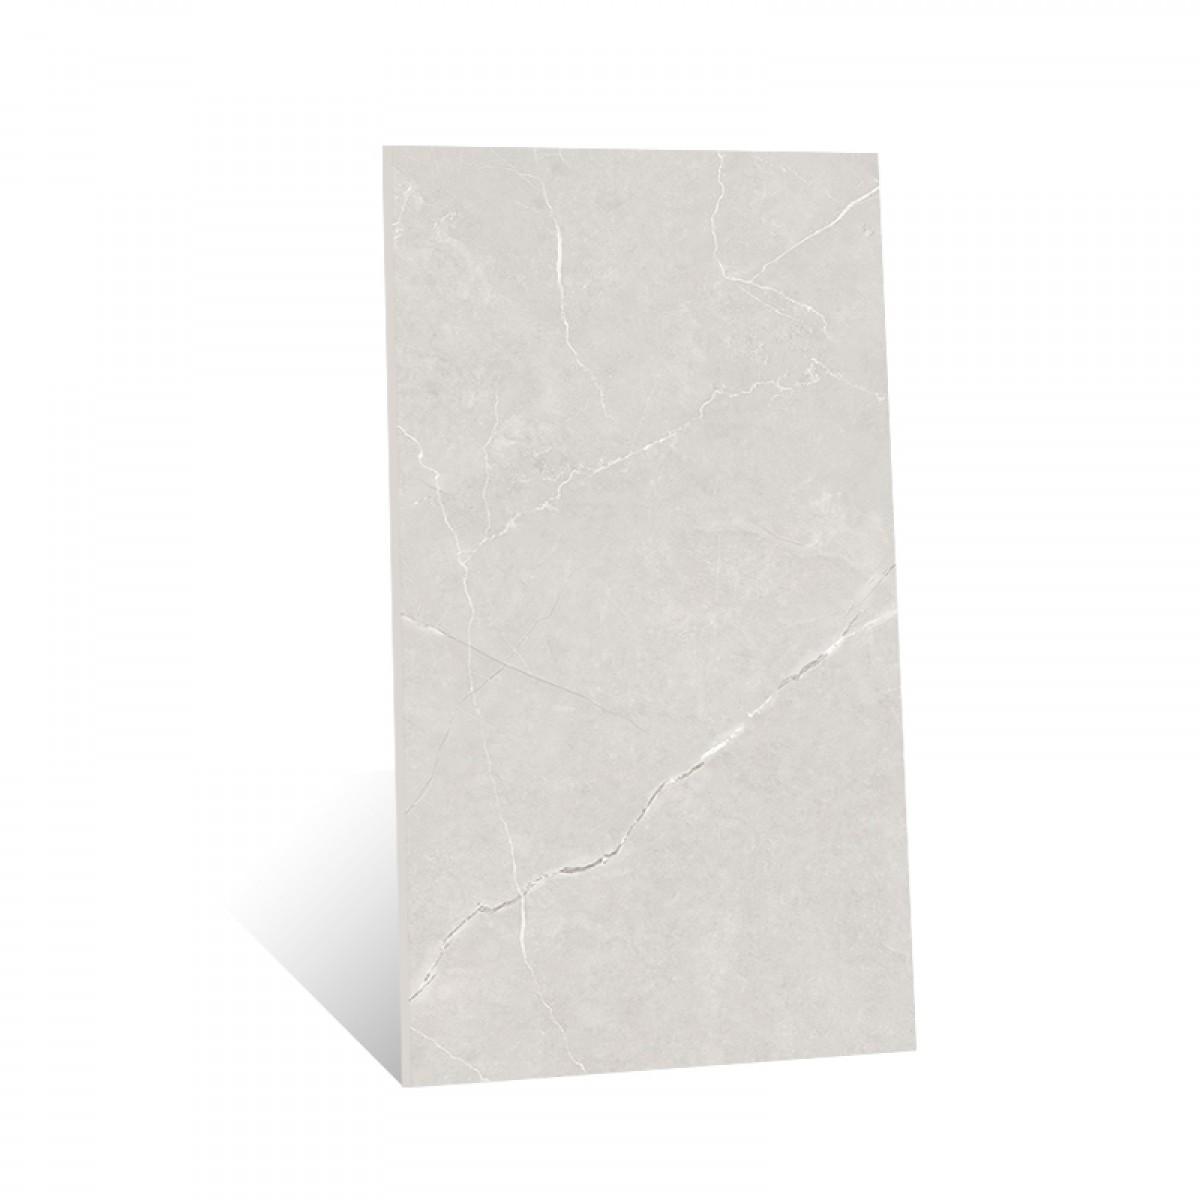 新濠 通体大理石瓷砖 X1TQ8403 西西里米灰 400*800 mm